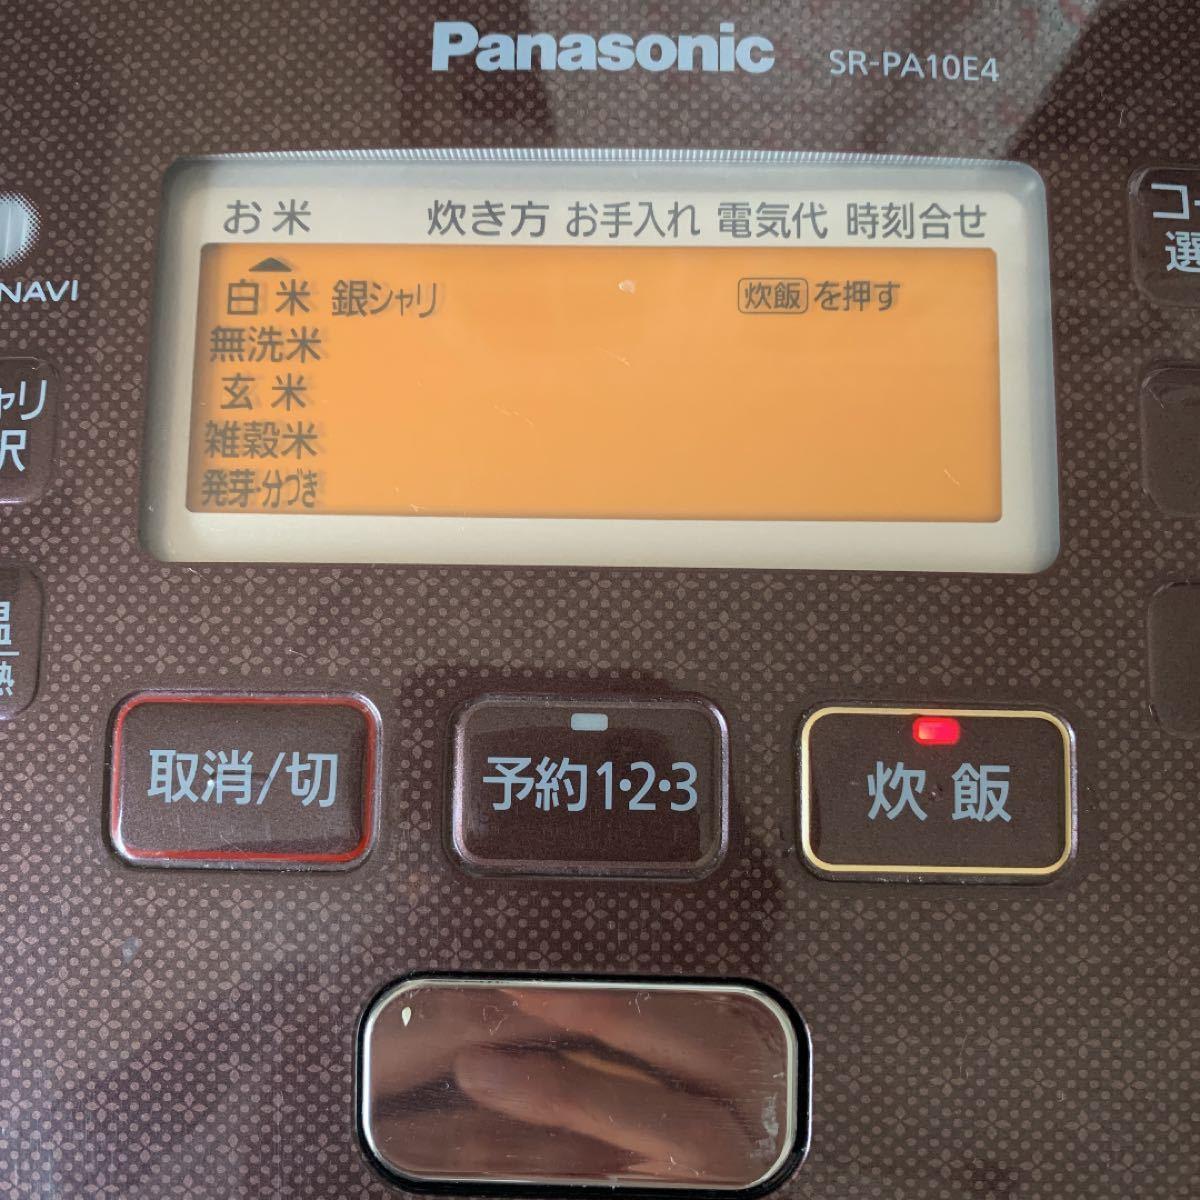 Panasonic 可変圧力 おどり炊き IH 炊飯器